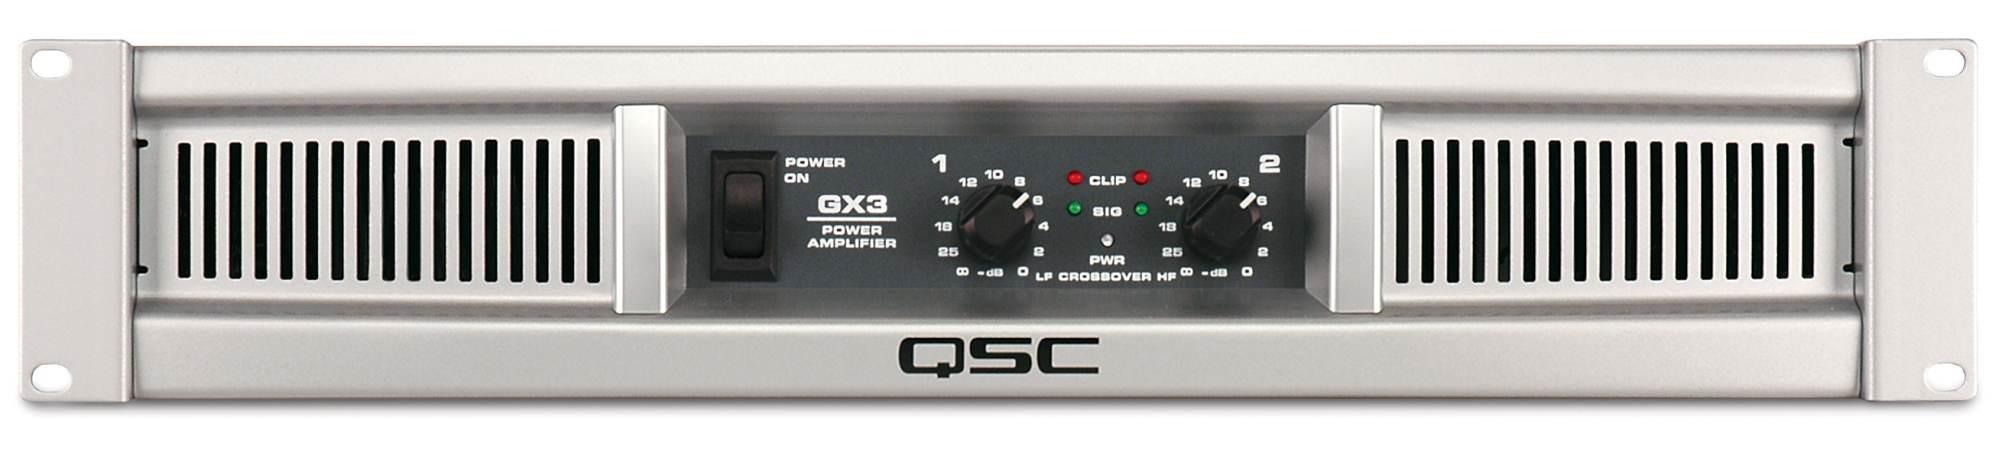 QSC GX 3